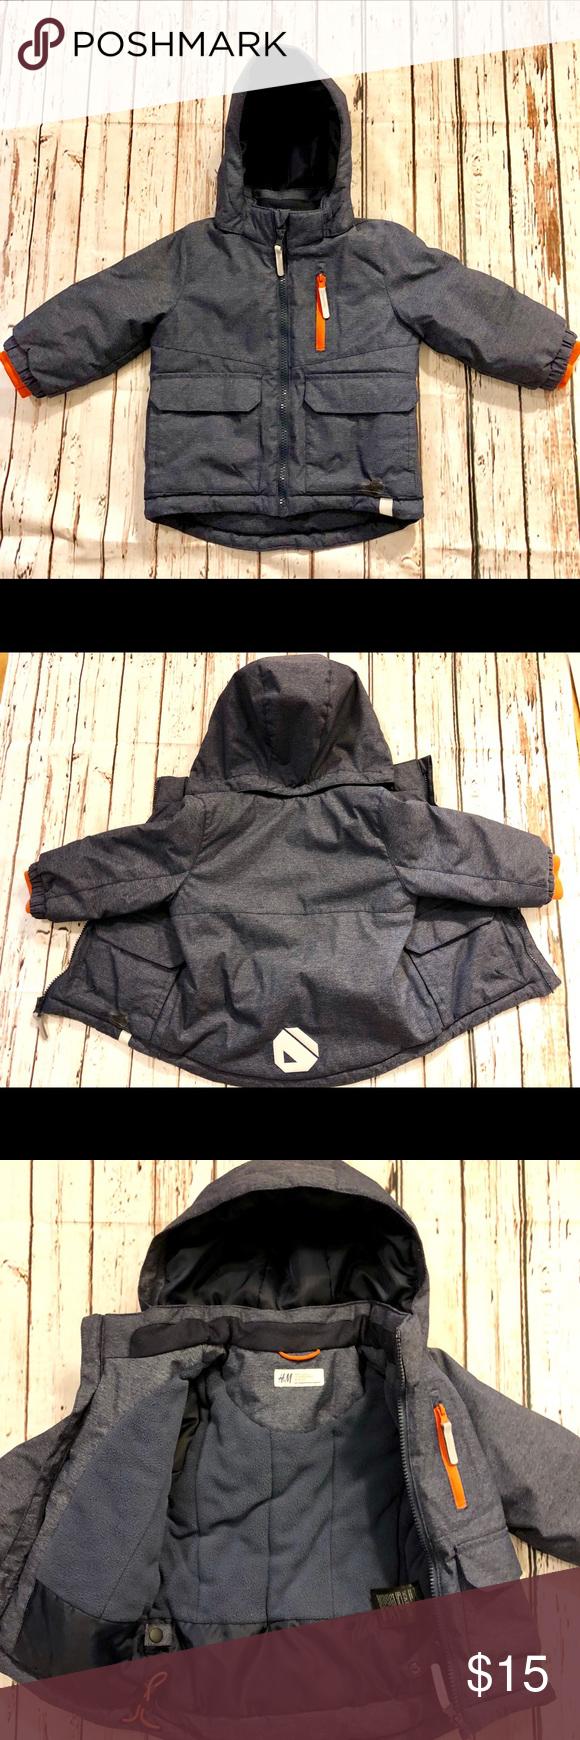 Boy's H&M Weather Resistant Winter Coat Sz 1.52T Boy's H